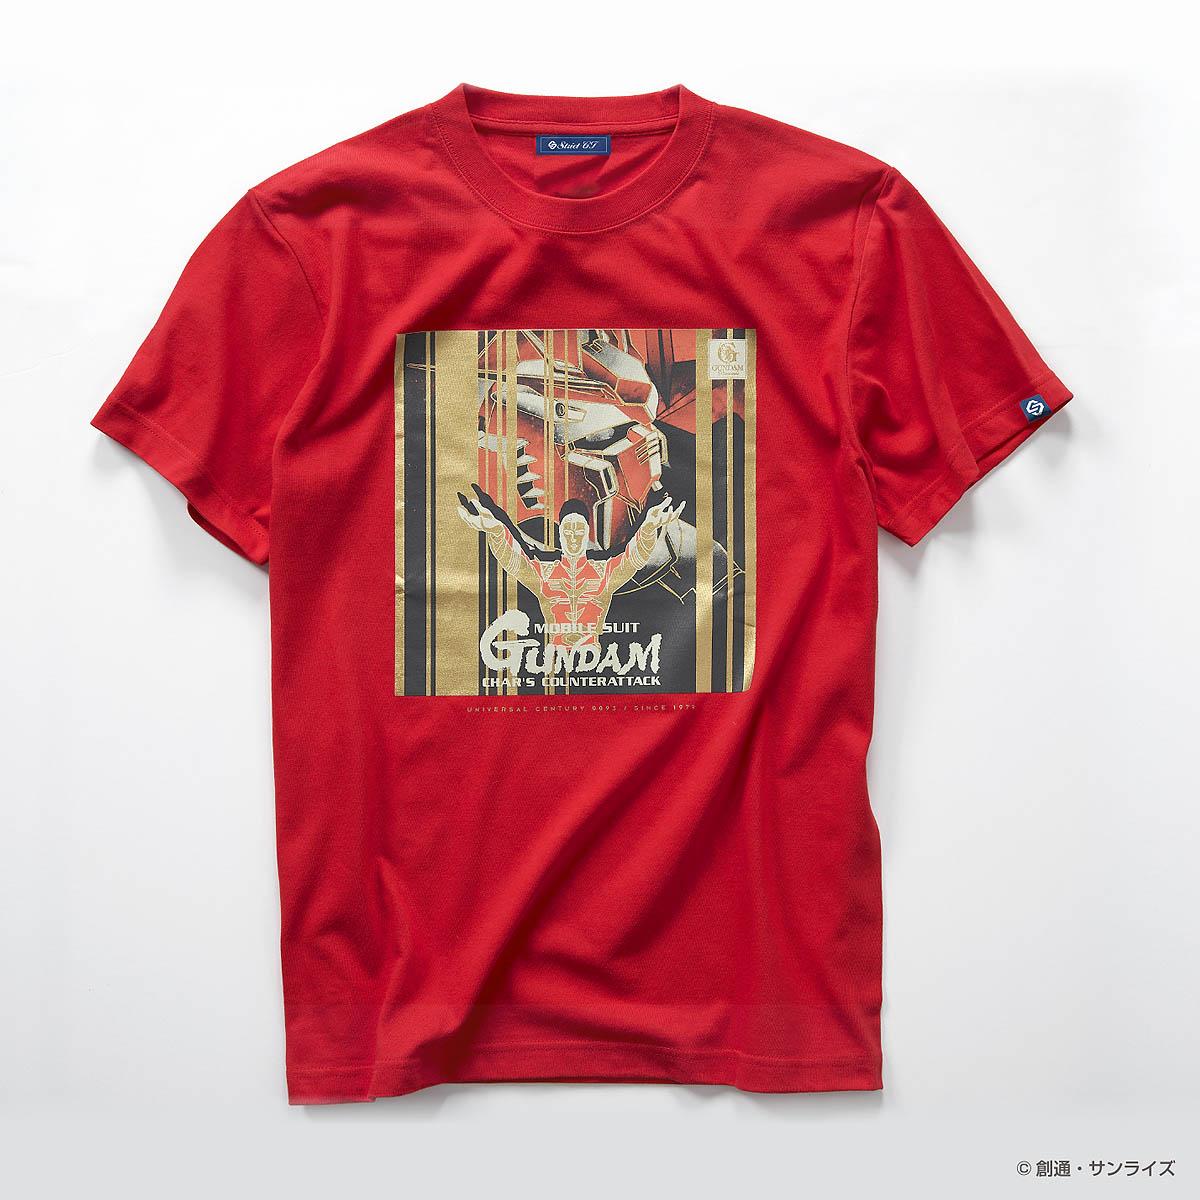 ガンダムの記憶(レコード)を着るTシャツシリーズ GUNDAM RECORDSより『逆襲のシャア』他、全3タイトル発売